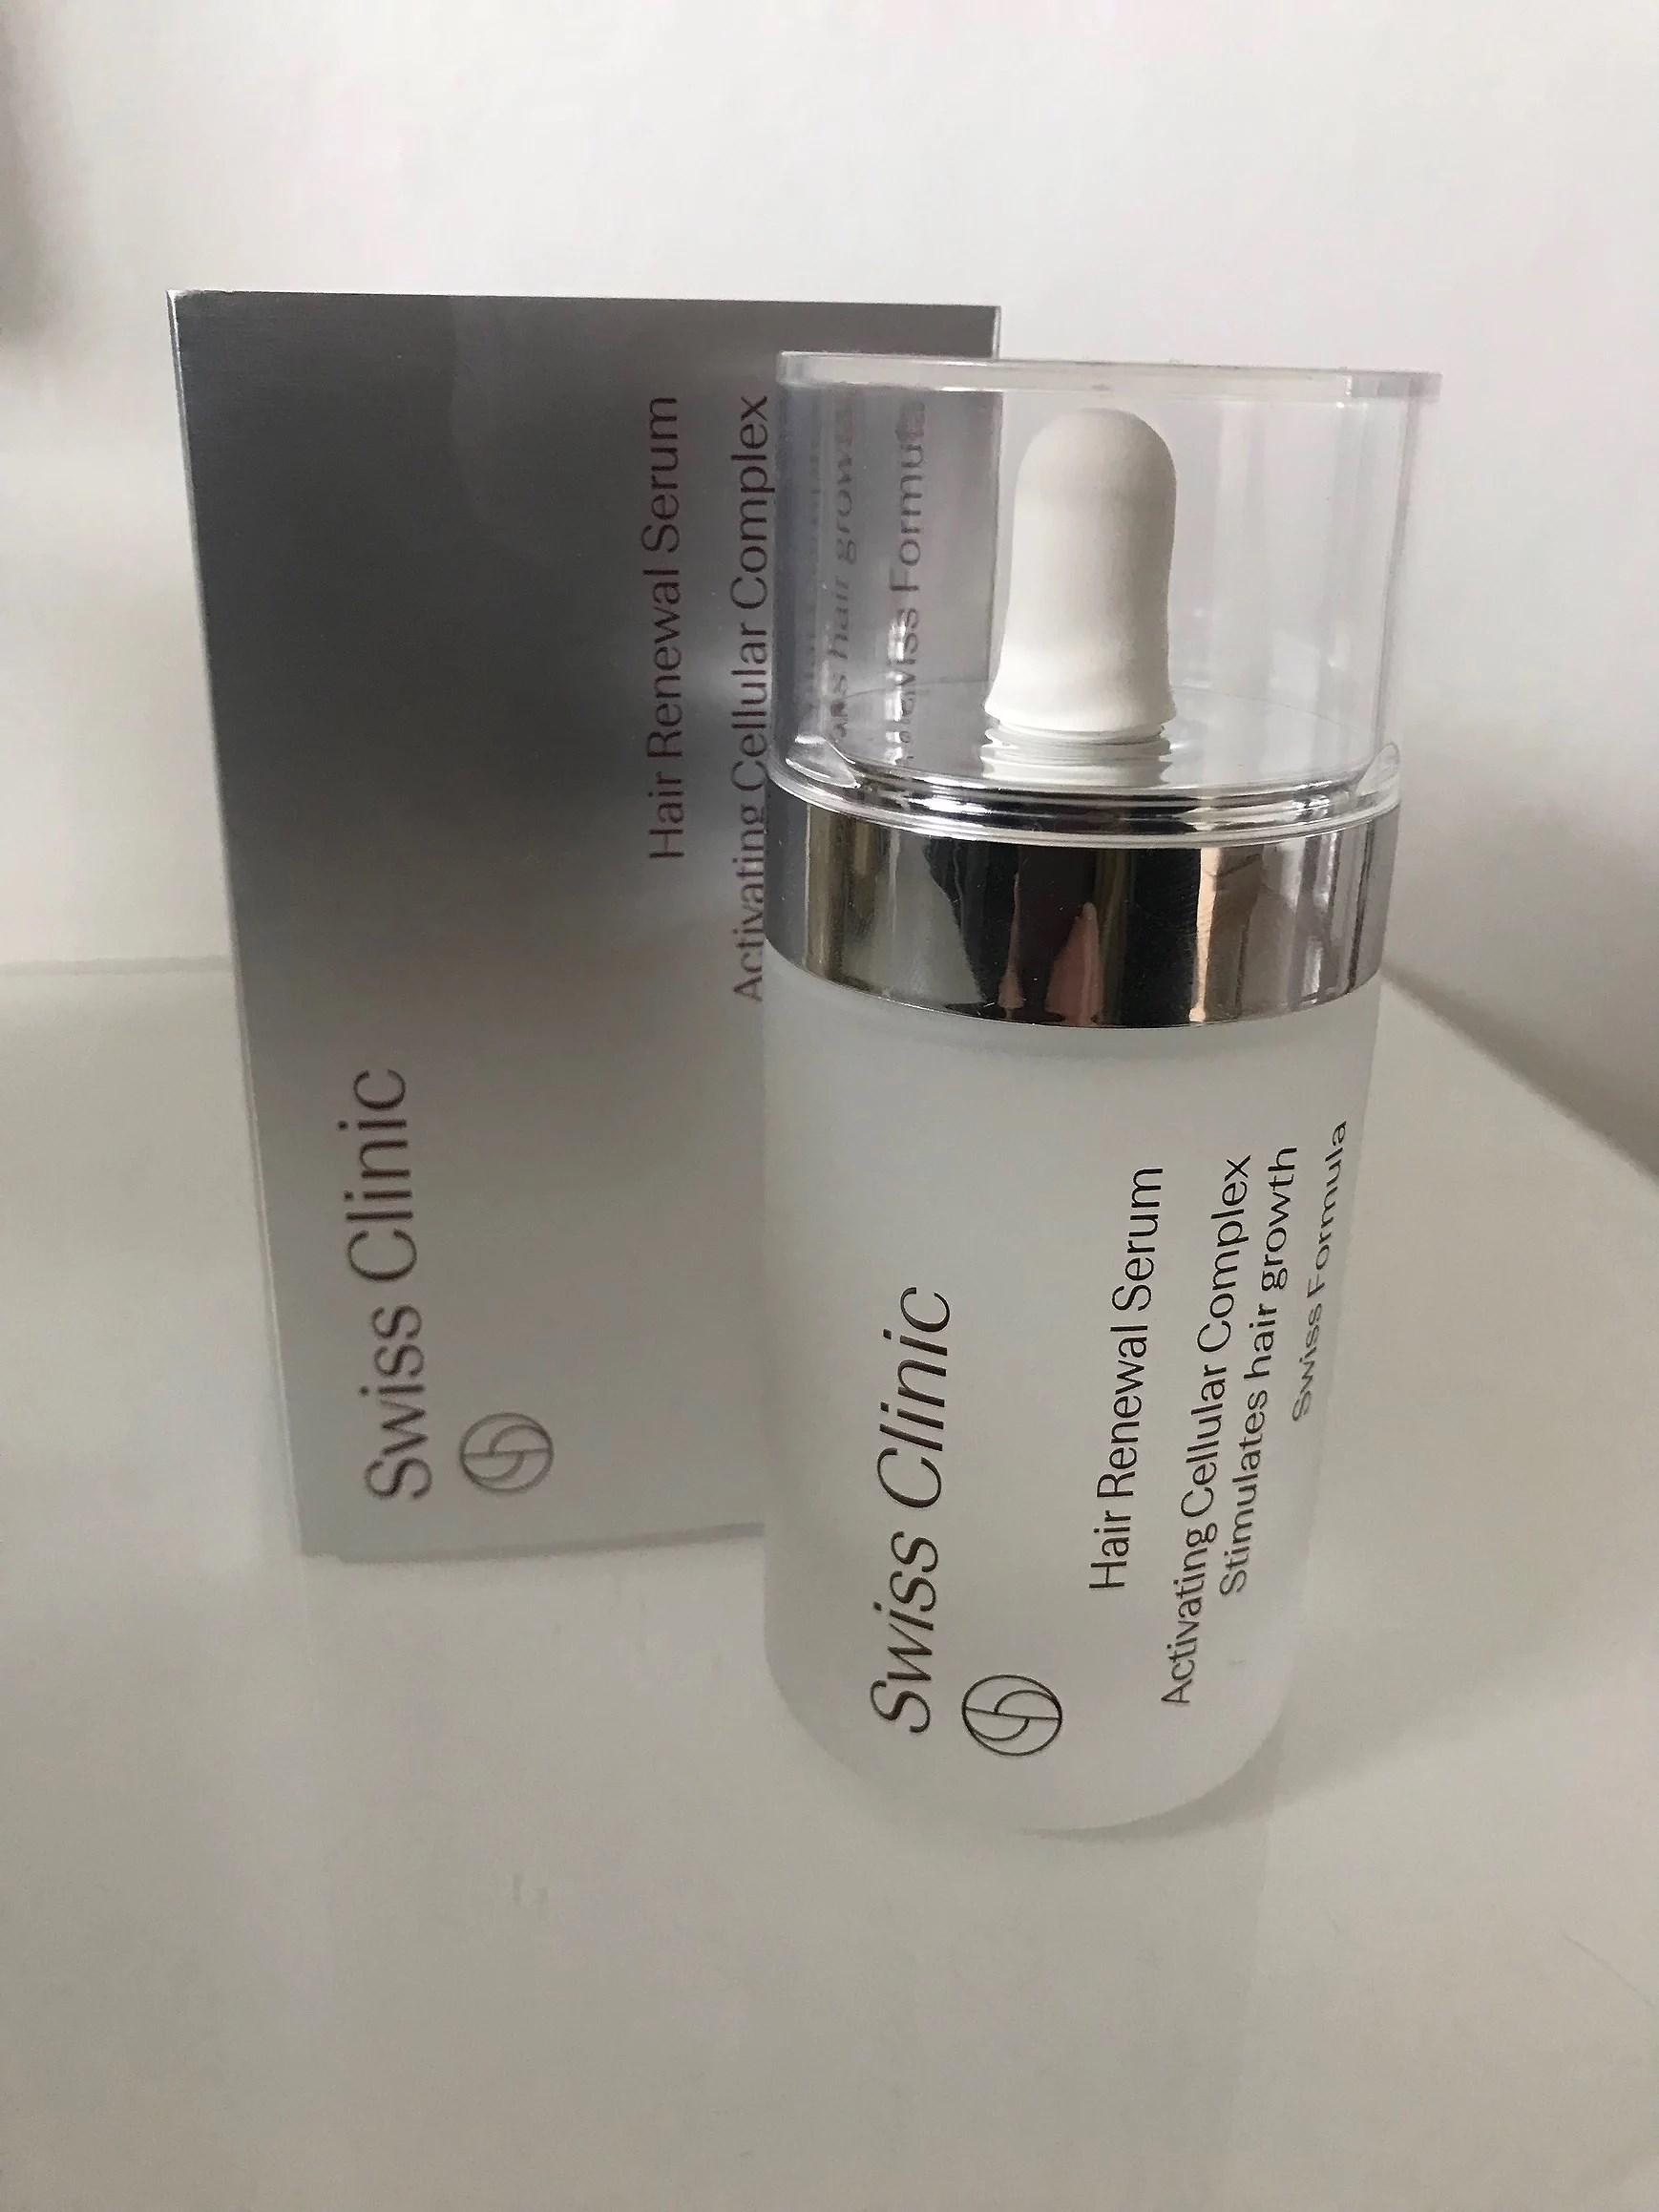 Swiss clinic - hair serum